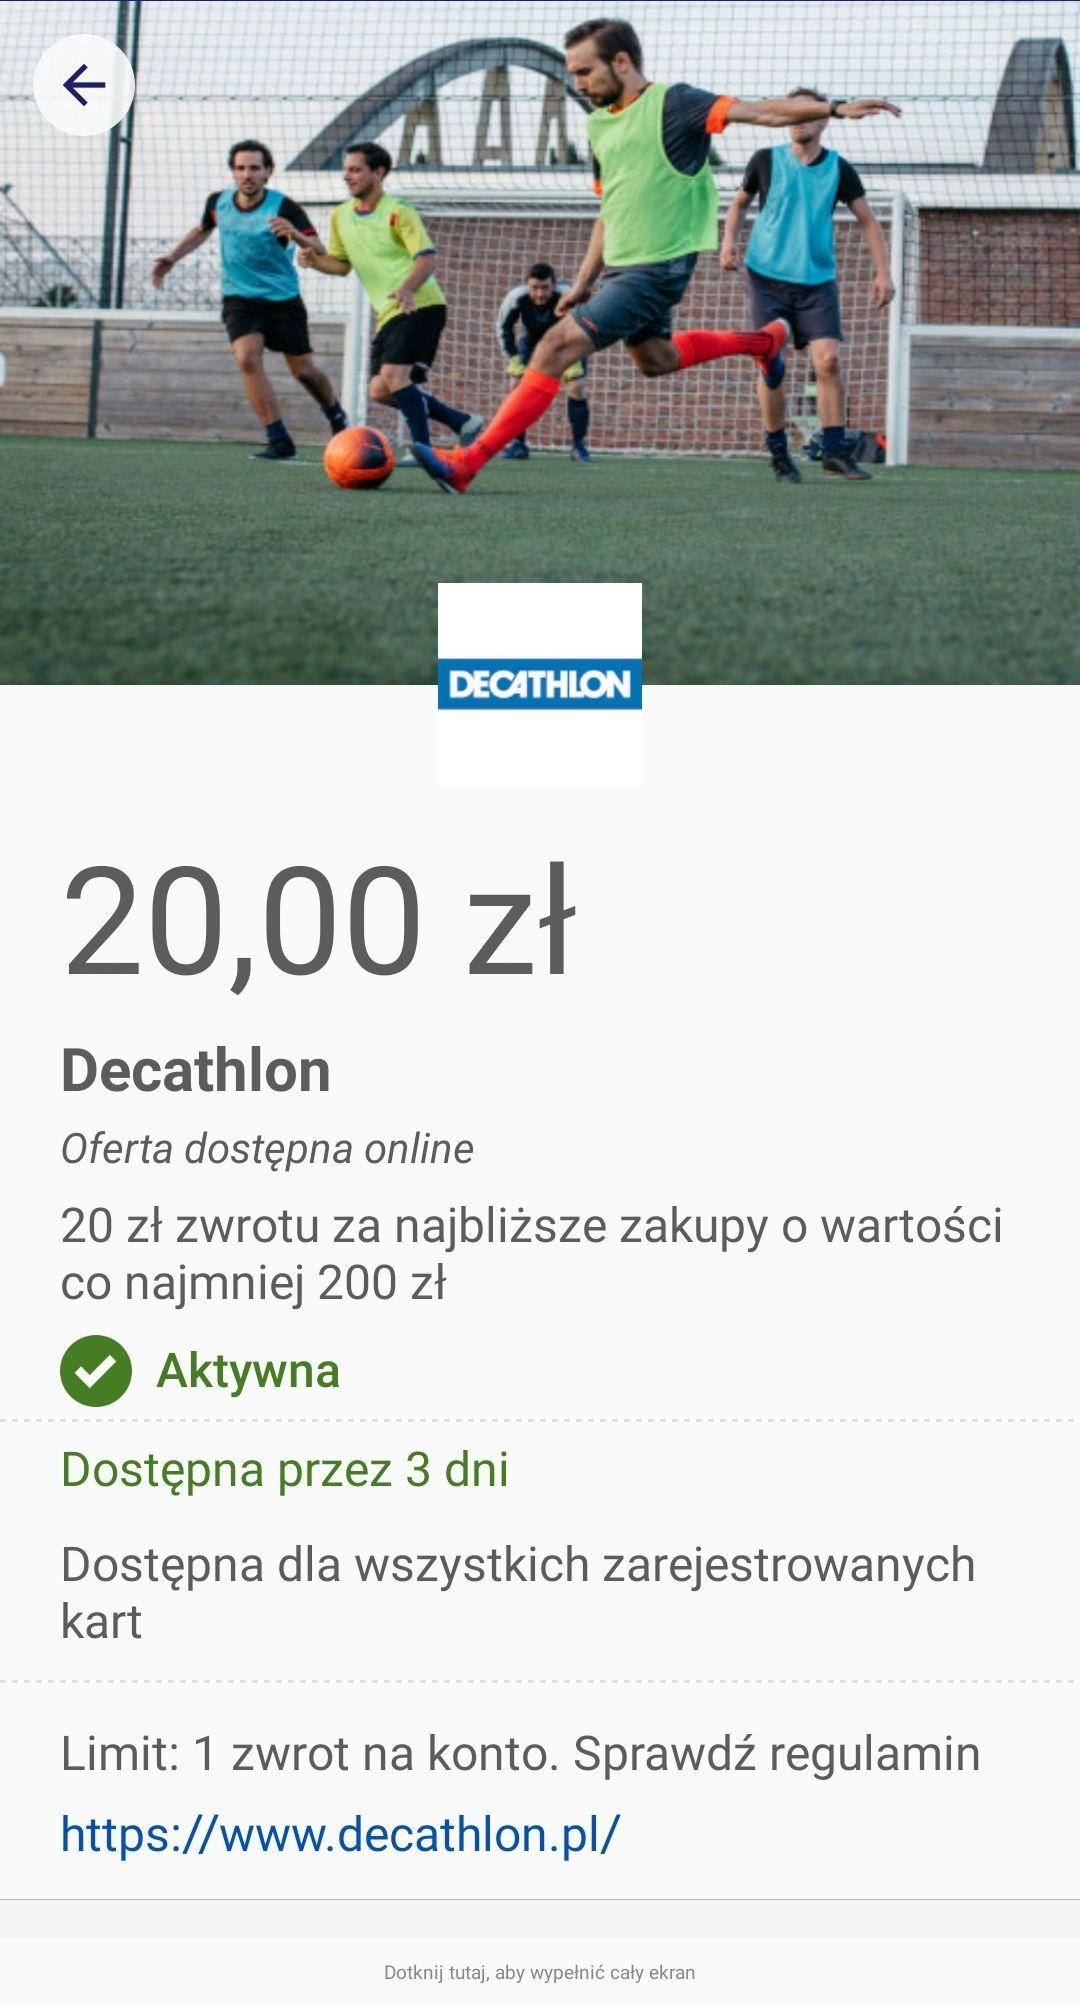 20zl zwrotu za zakupy w Decathlon z Visa Oferty